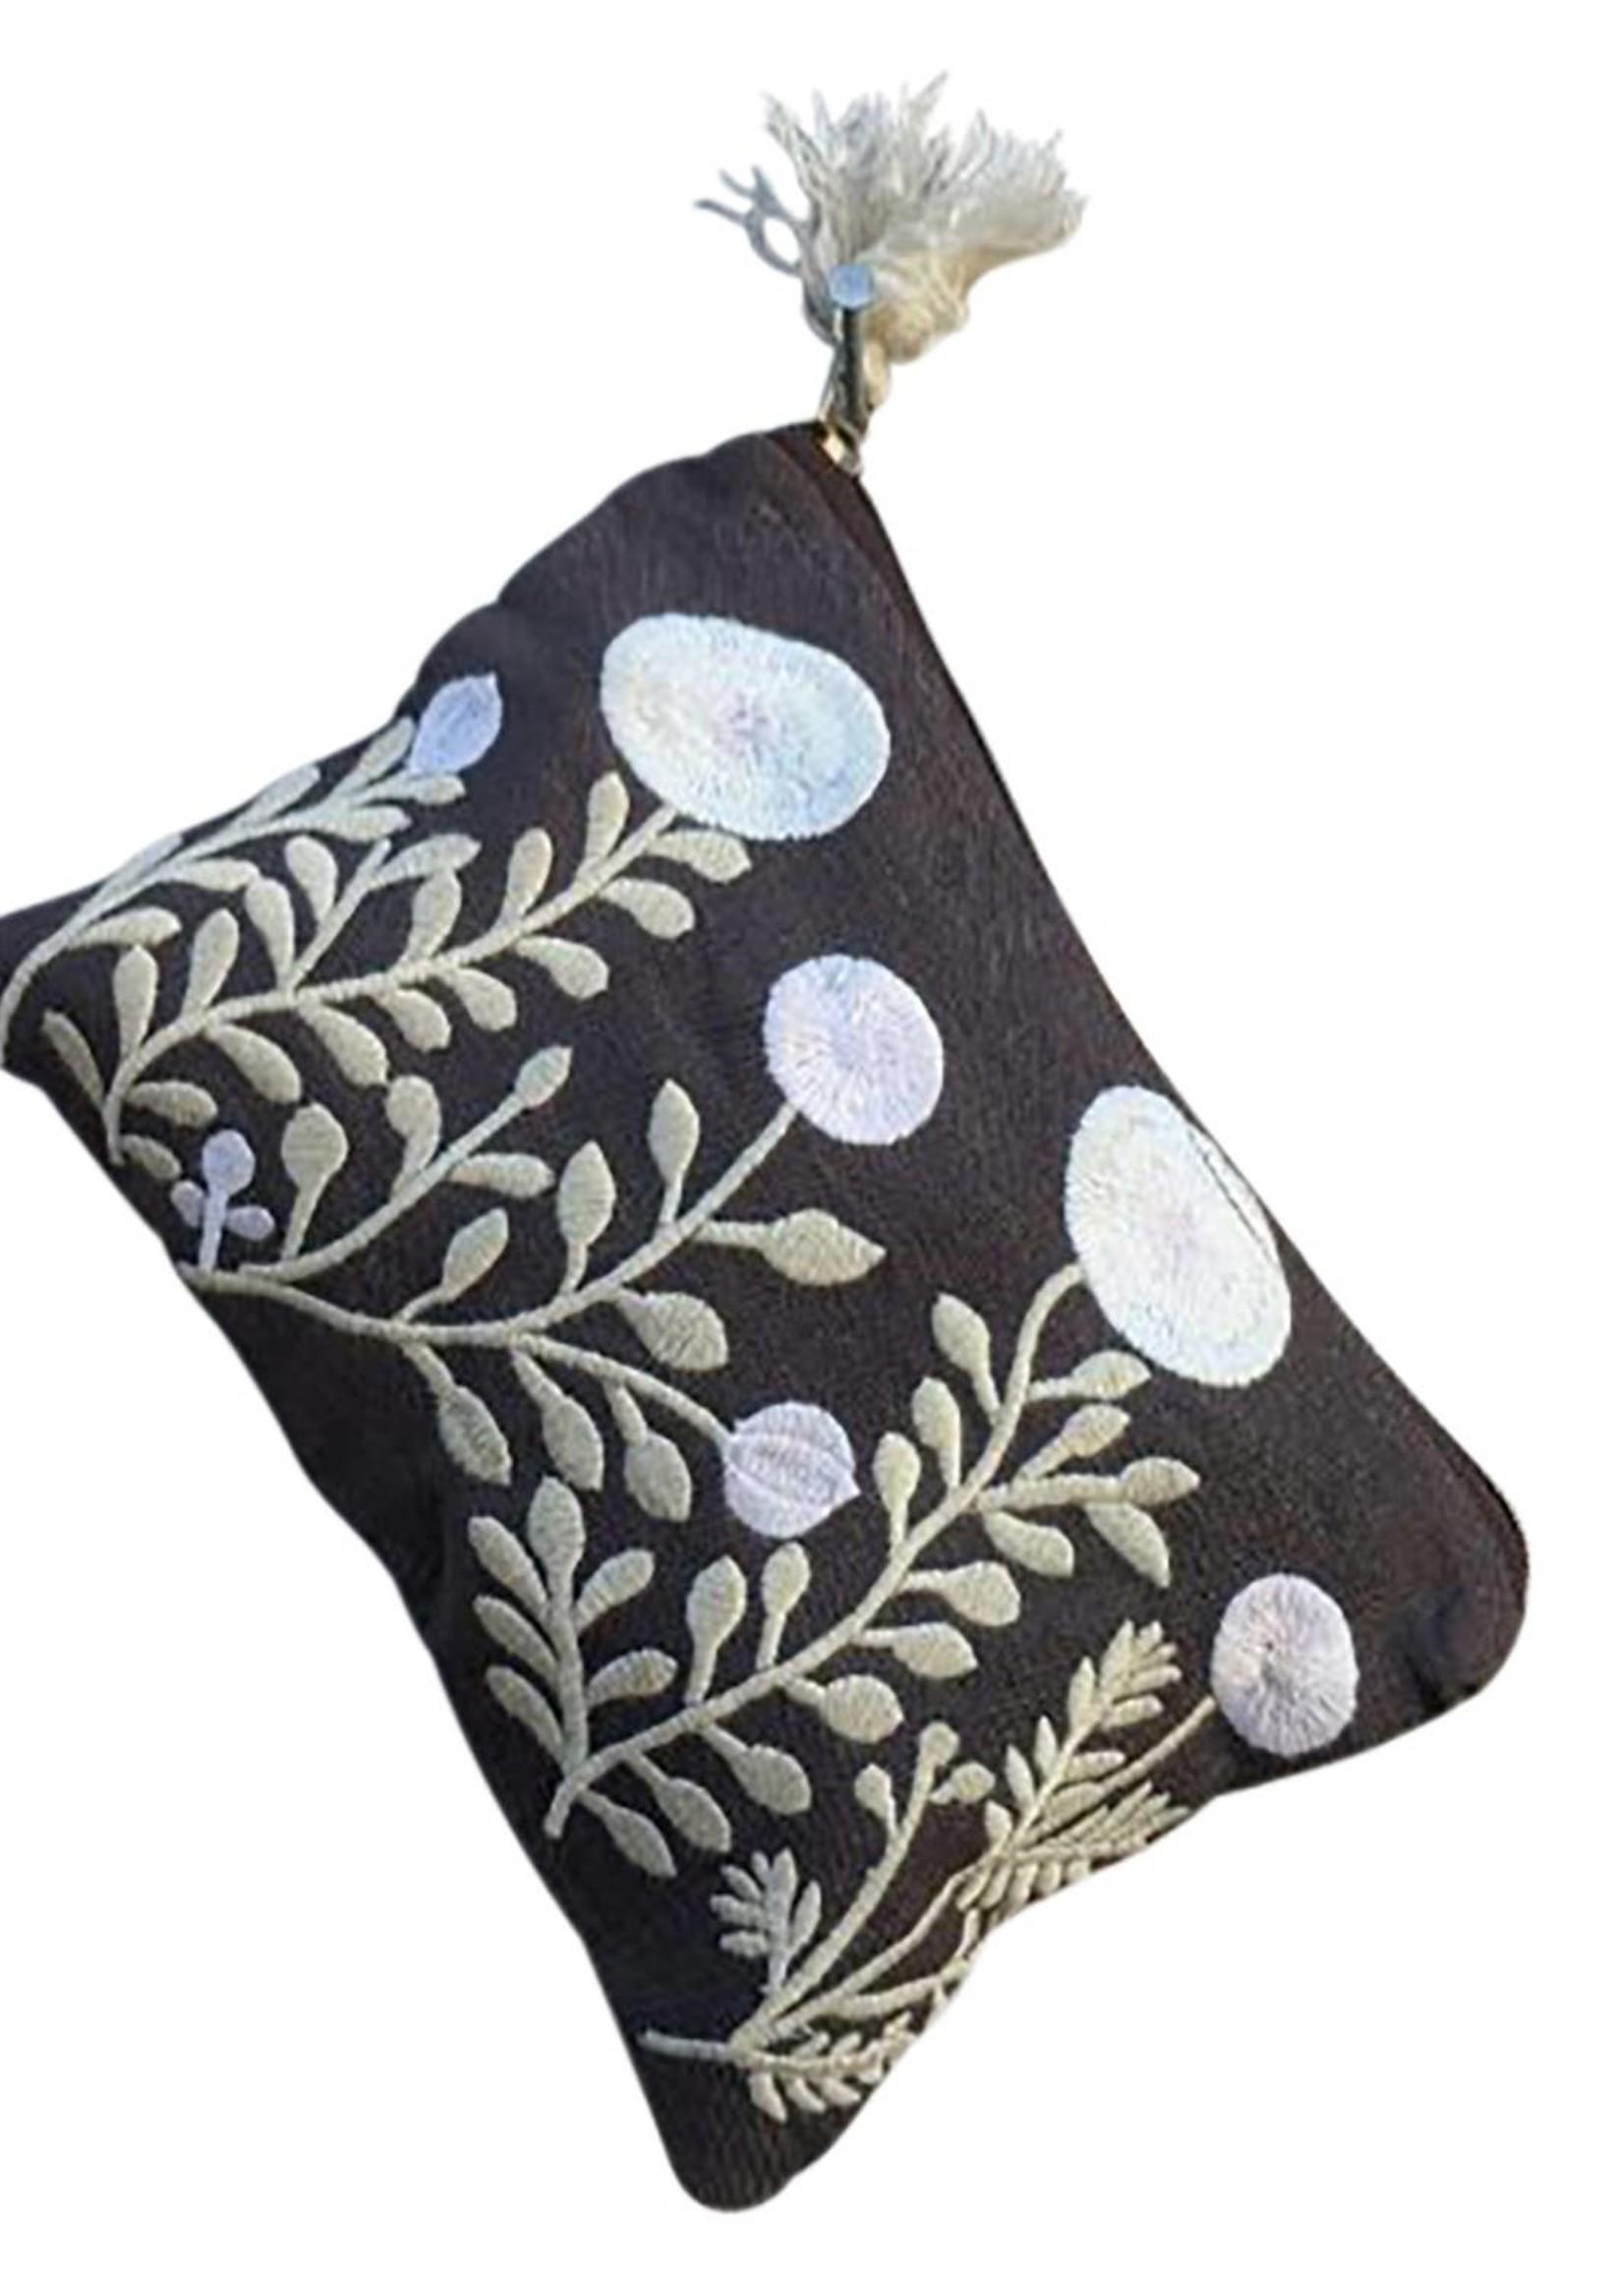 Chloe & Lex Embroidered Garden Medium Pouch